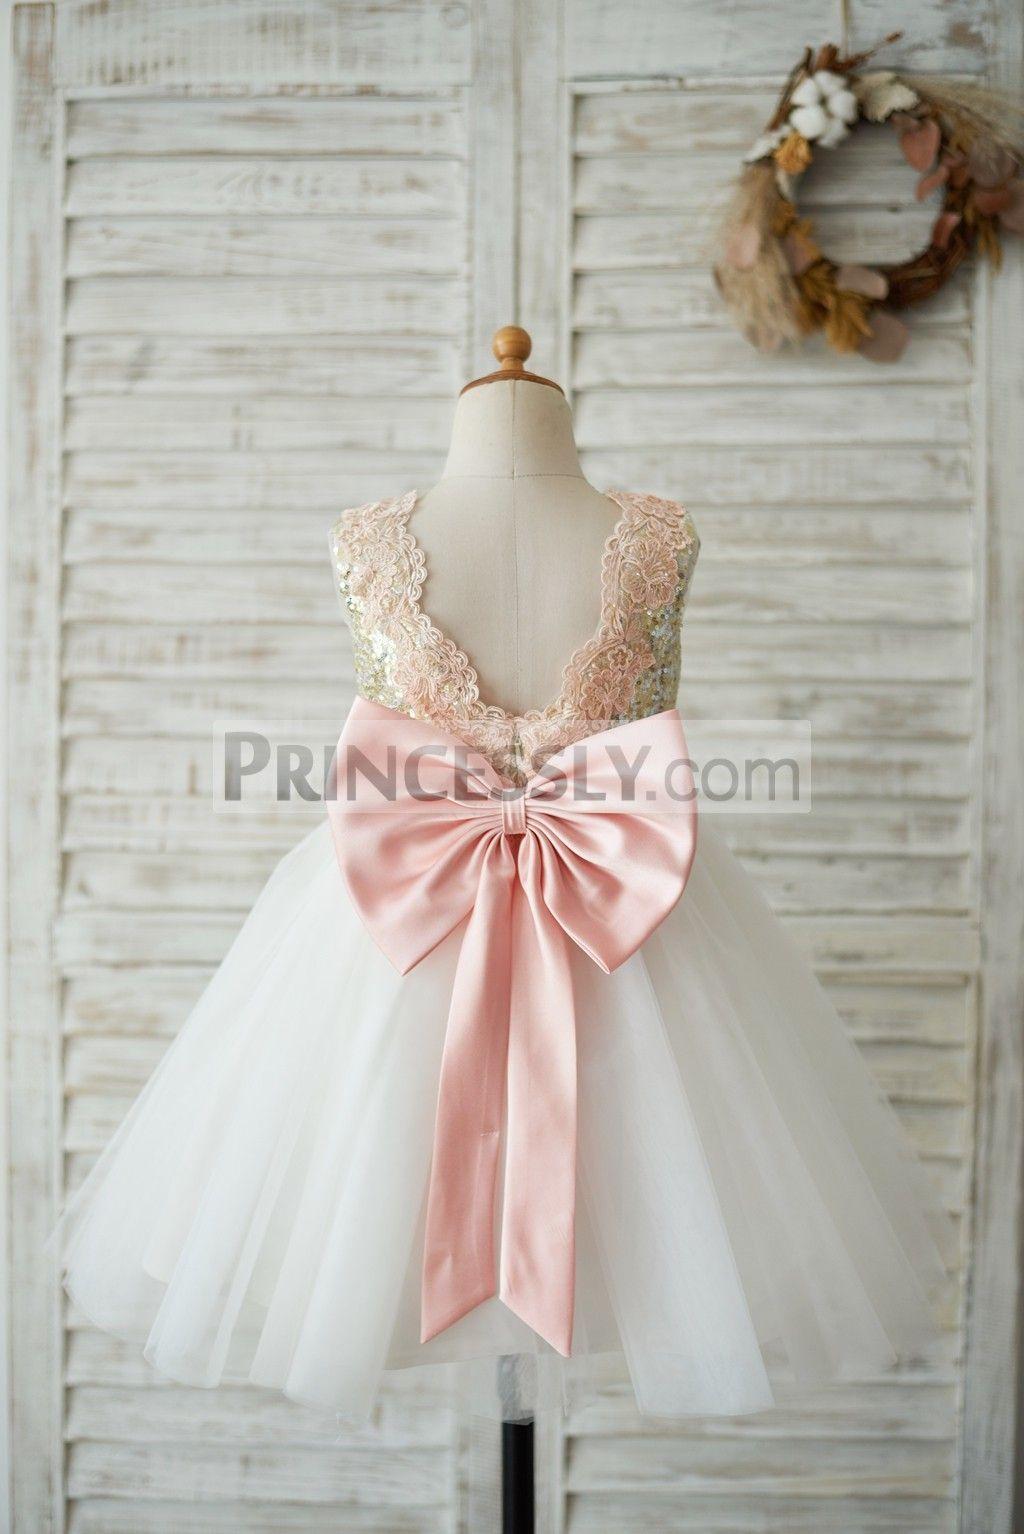 5ea3b6b56 Gold Sequin Ivory Tulle V Back Wedding Flower Girl Dress with Pink Lace  belt SKU: K1003540 Buy Now: #flowergirldress #pinkdress #lacedress